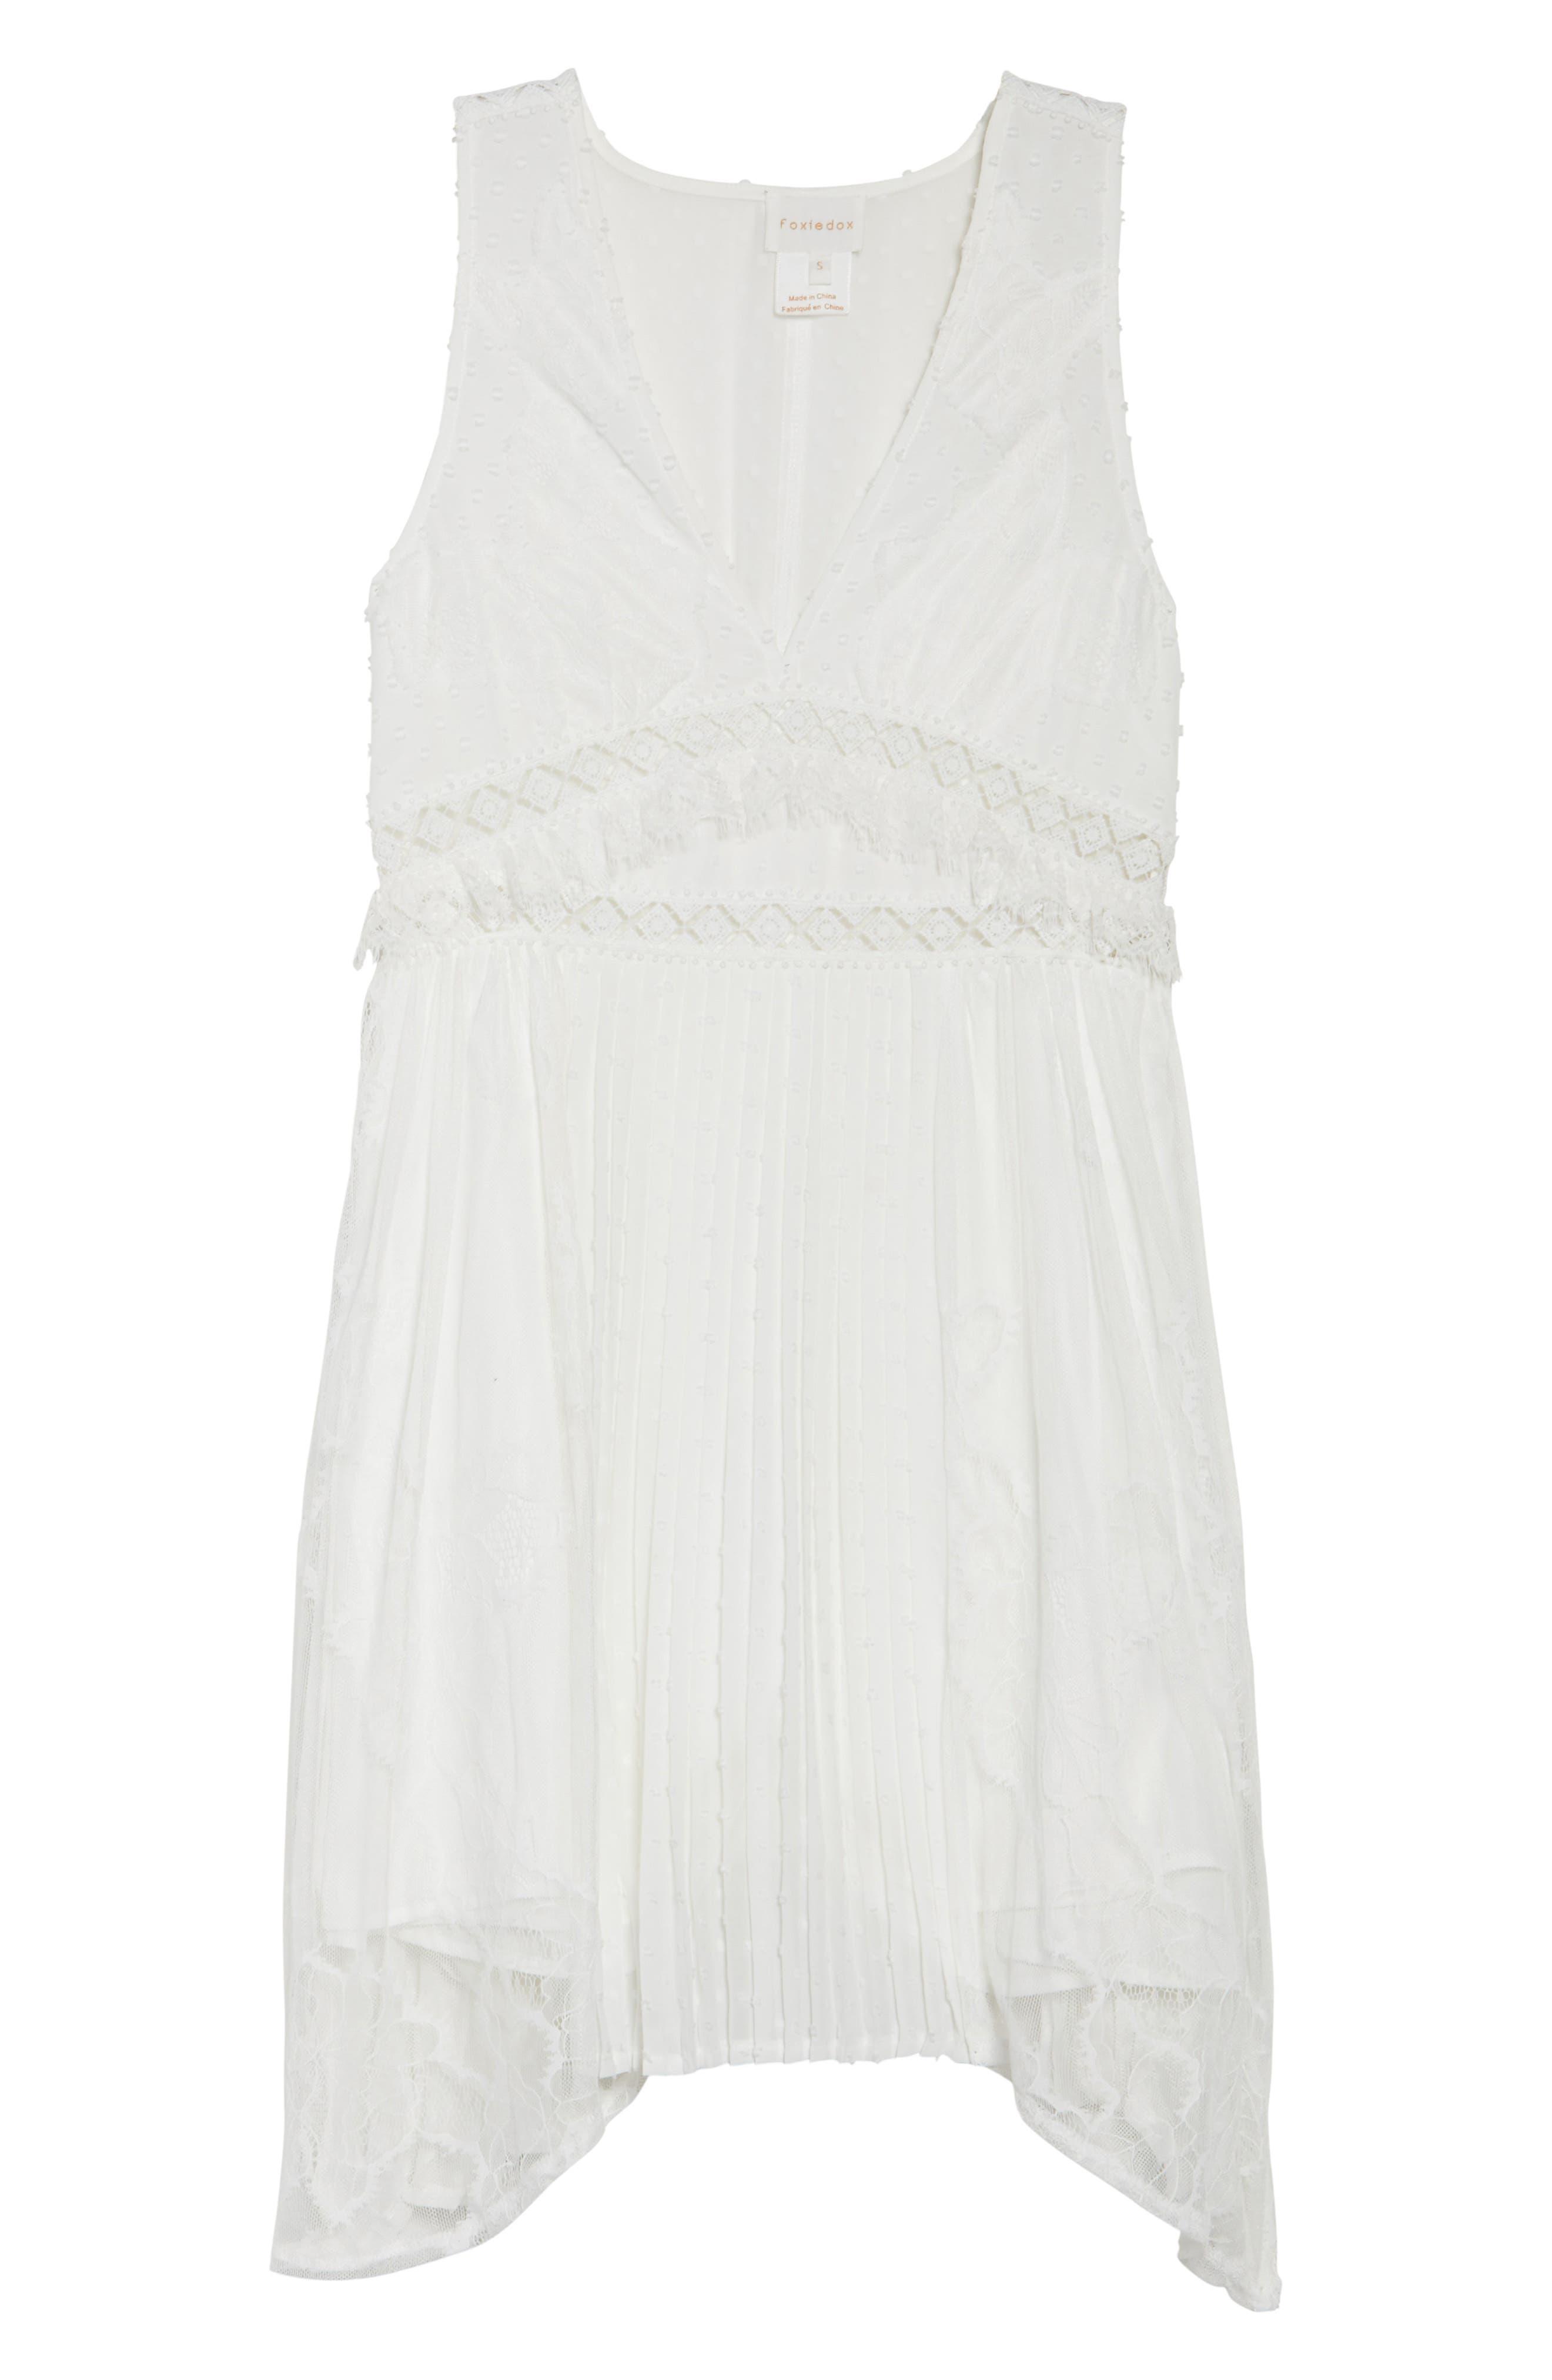 Babette Lace Inset Party Dress,                             Alternate thumbnail 6, color,                             White